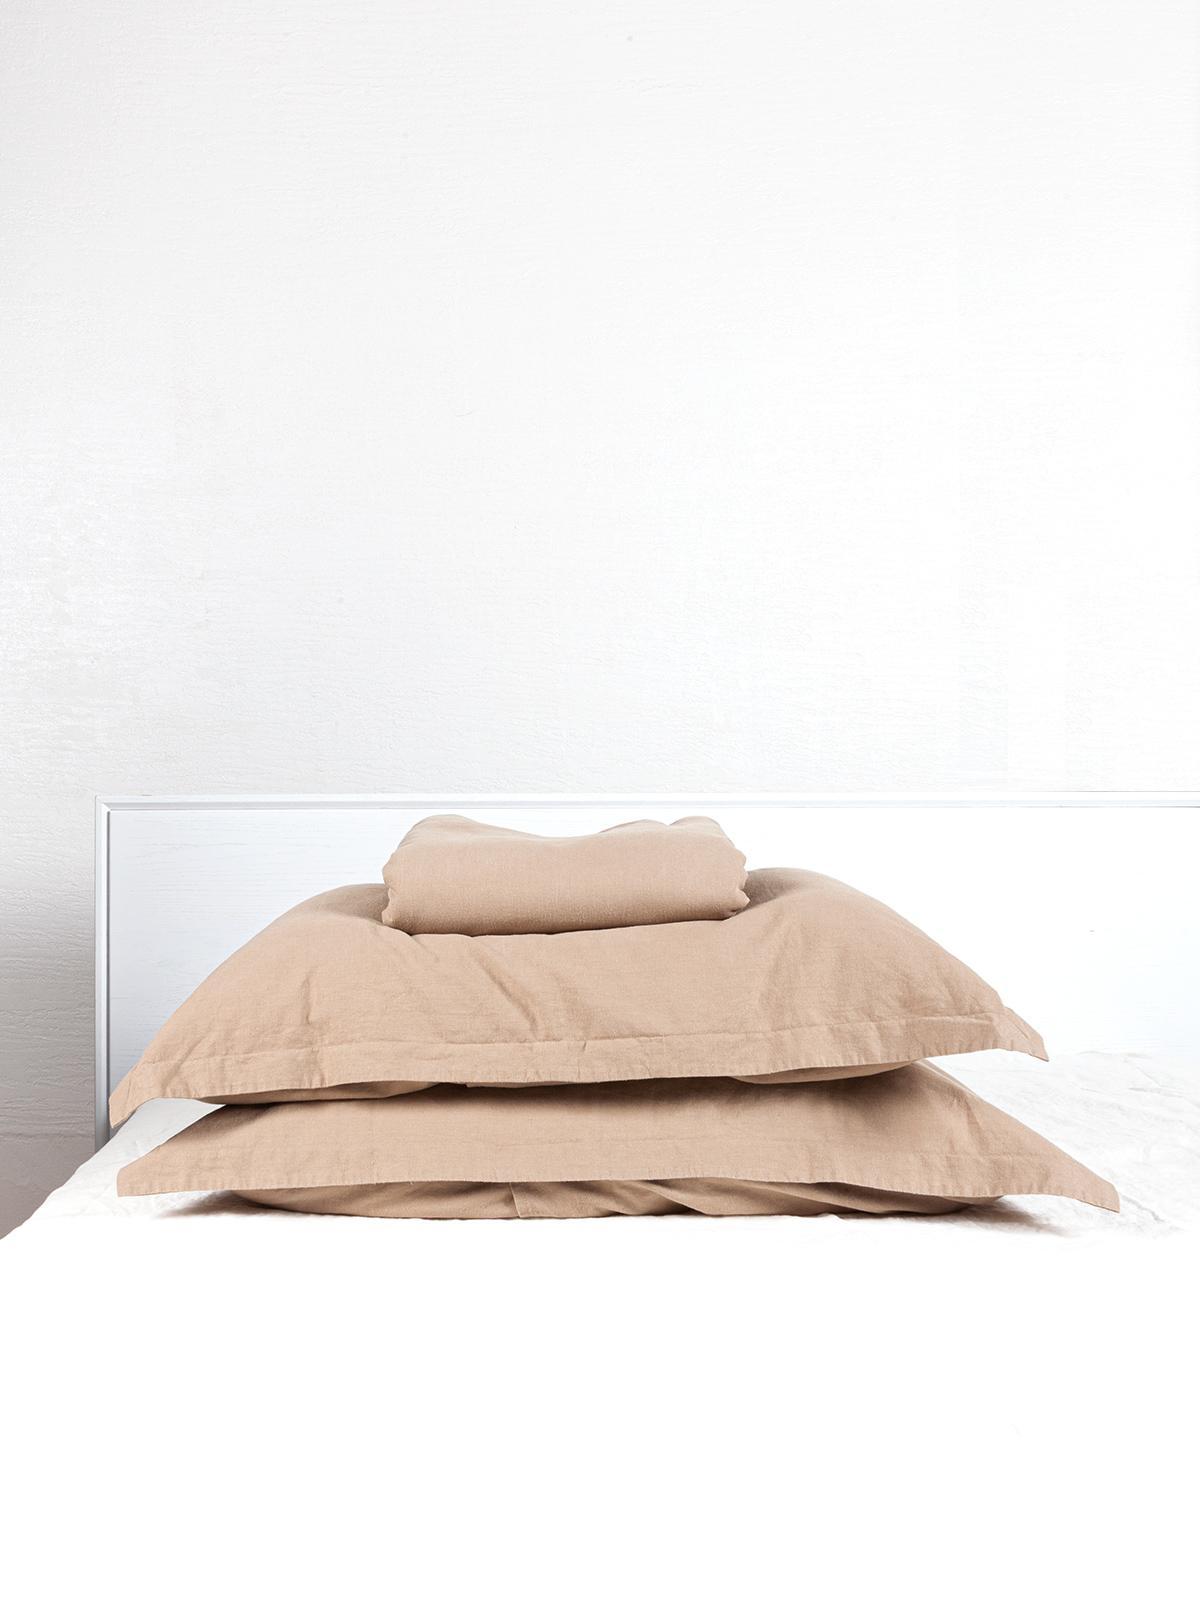 Crete ヘンプ 掛けカバー3点セット 健康的な快眠を ソフト加工